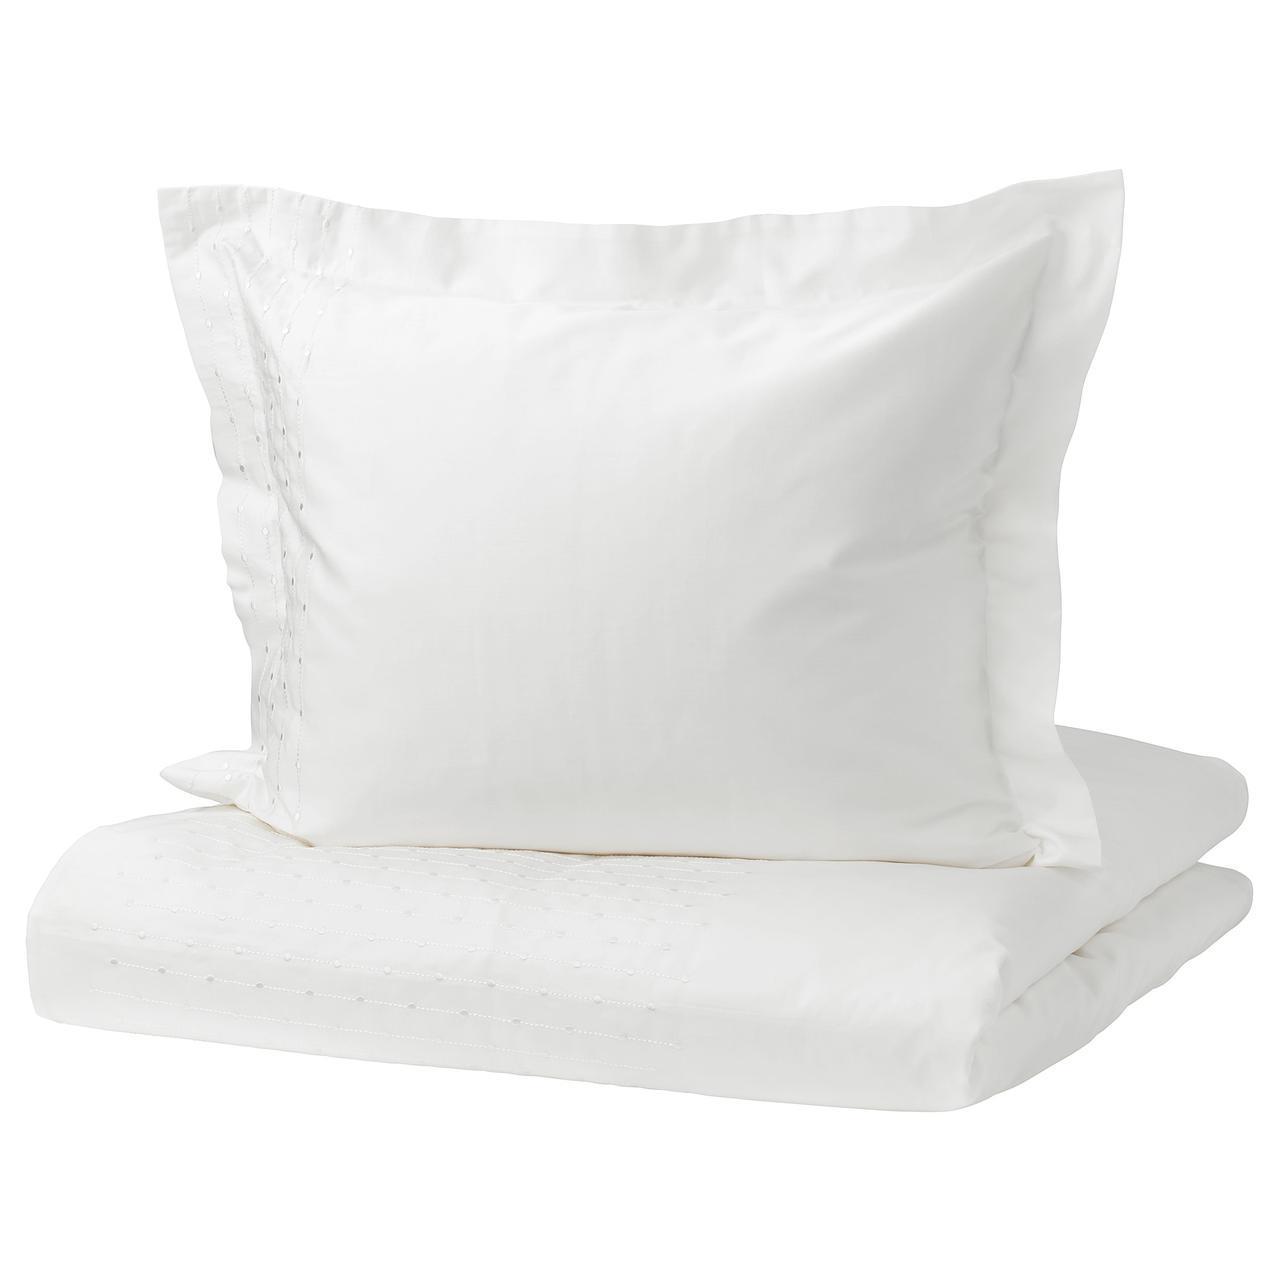 Комплект постельного белья IKEA PRAKTVIVA 150х200 см белый 803.797.76